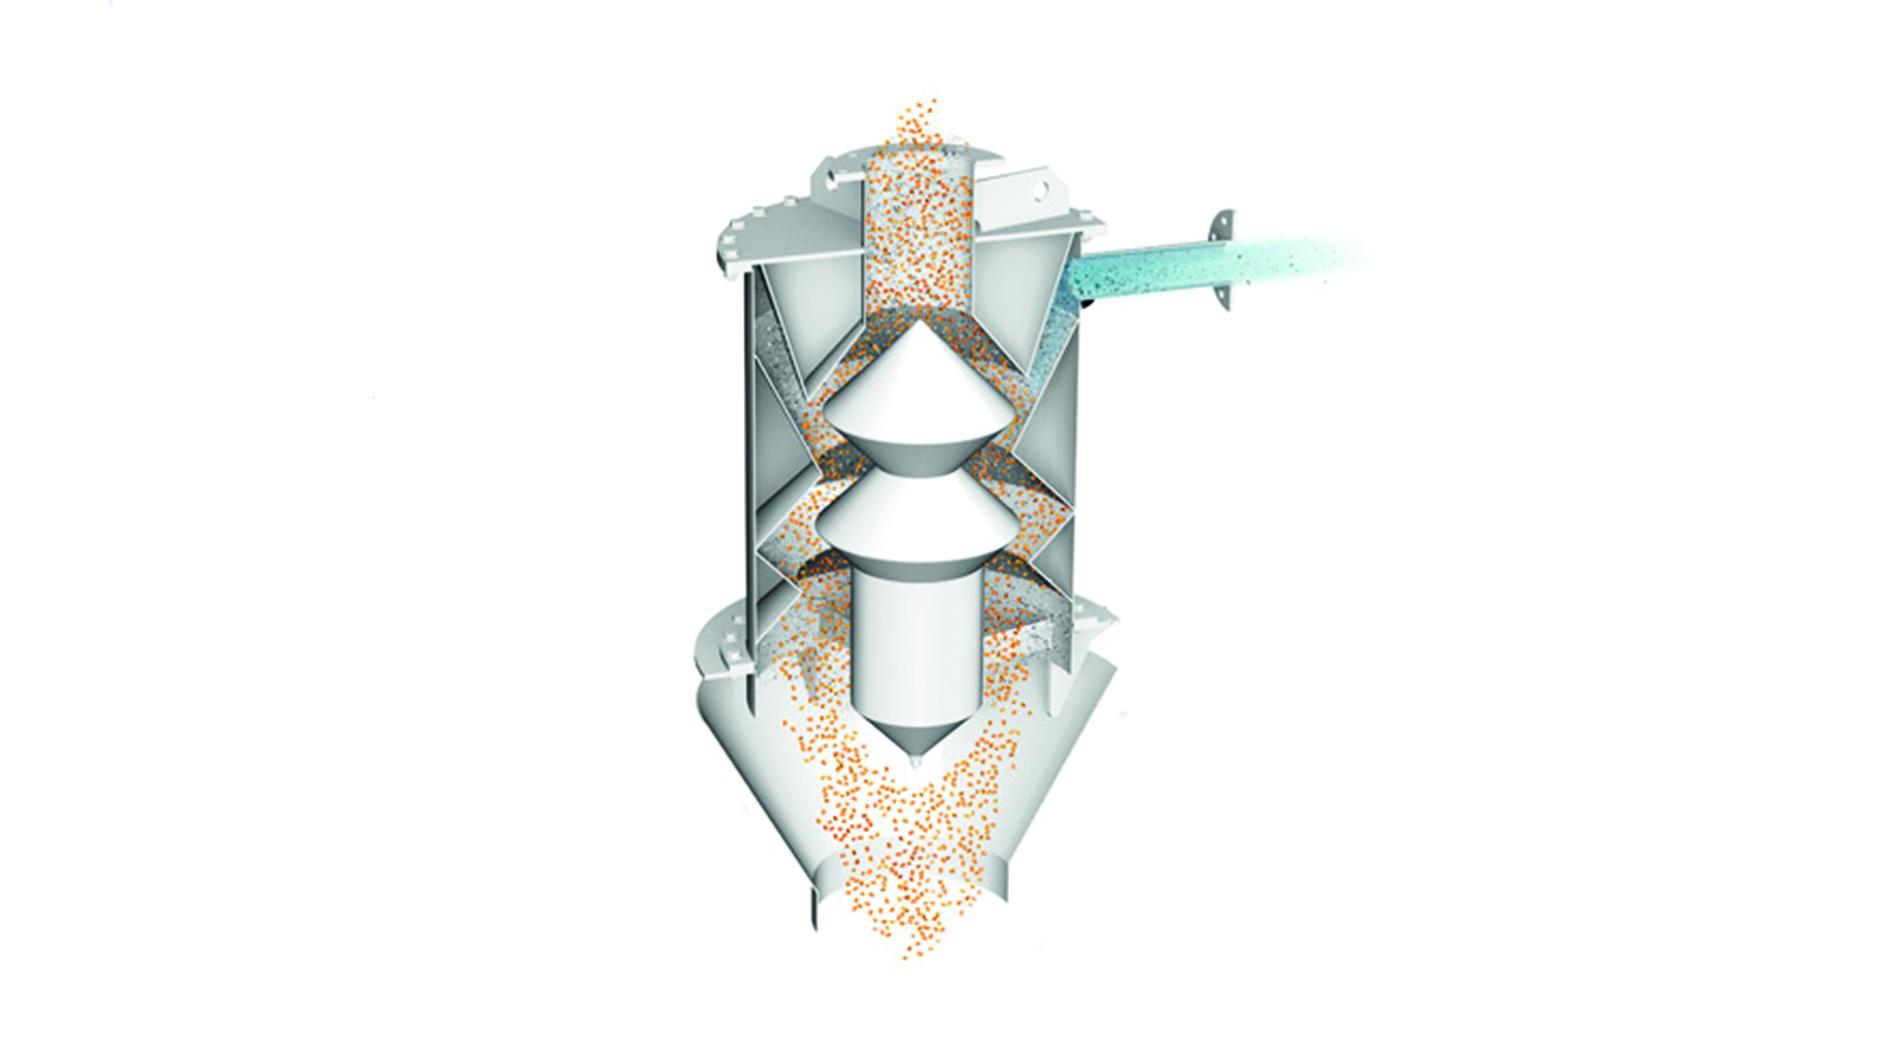 KWS separator